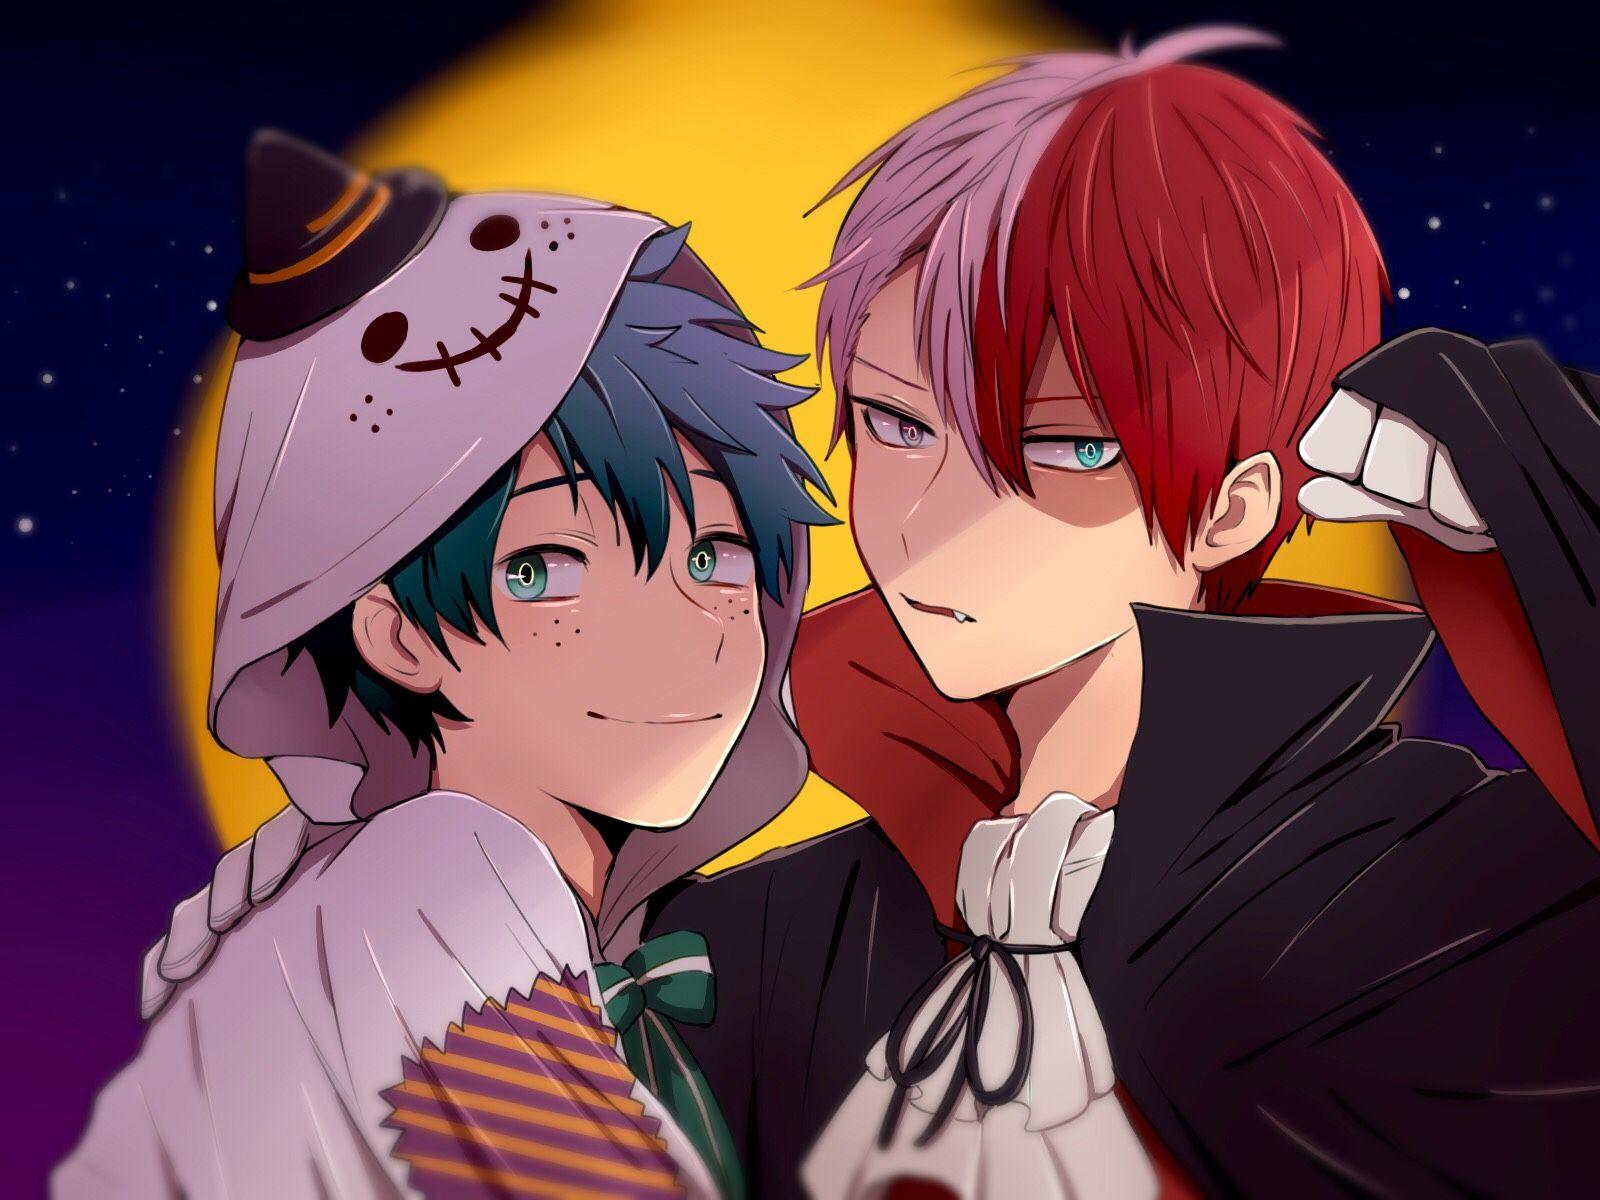 Characters Midoriya Izuku Todoroki Shouto Halloween Anime Crossover My Hero Academia Shouto My Hero